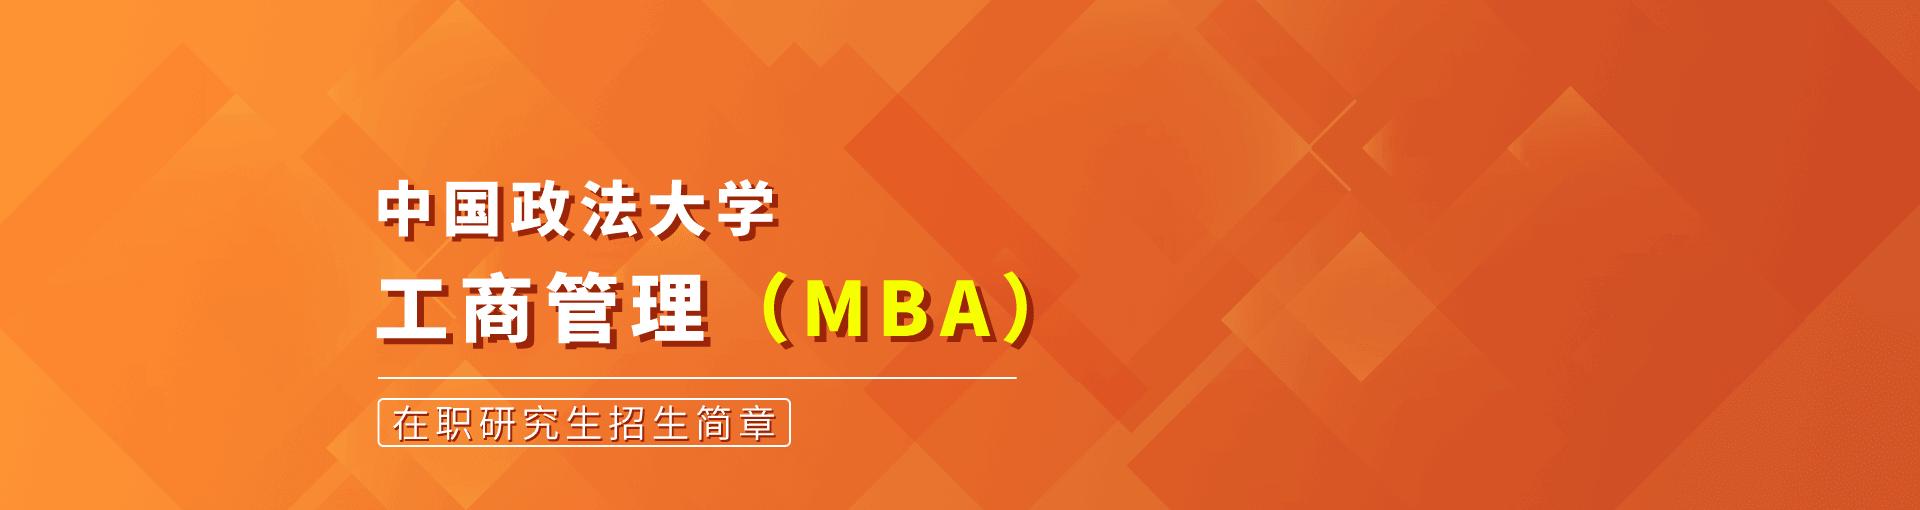 中国政法大学工商管理(MBA)在职研究生招生简章